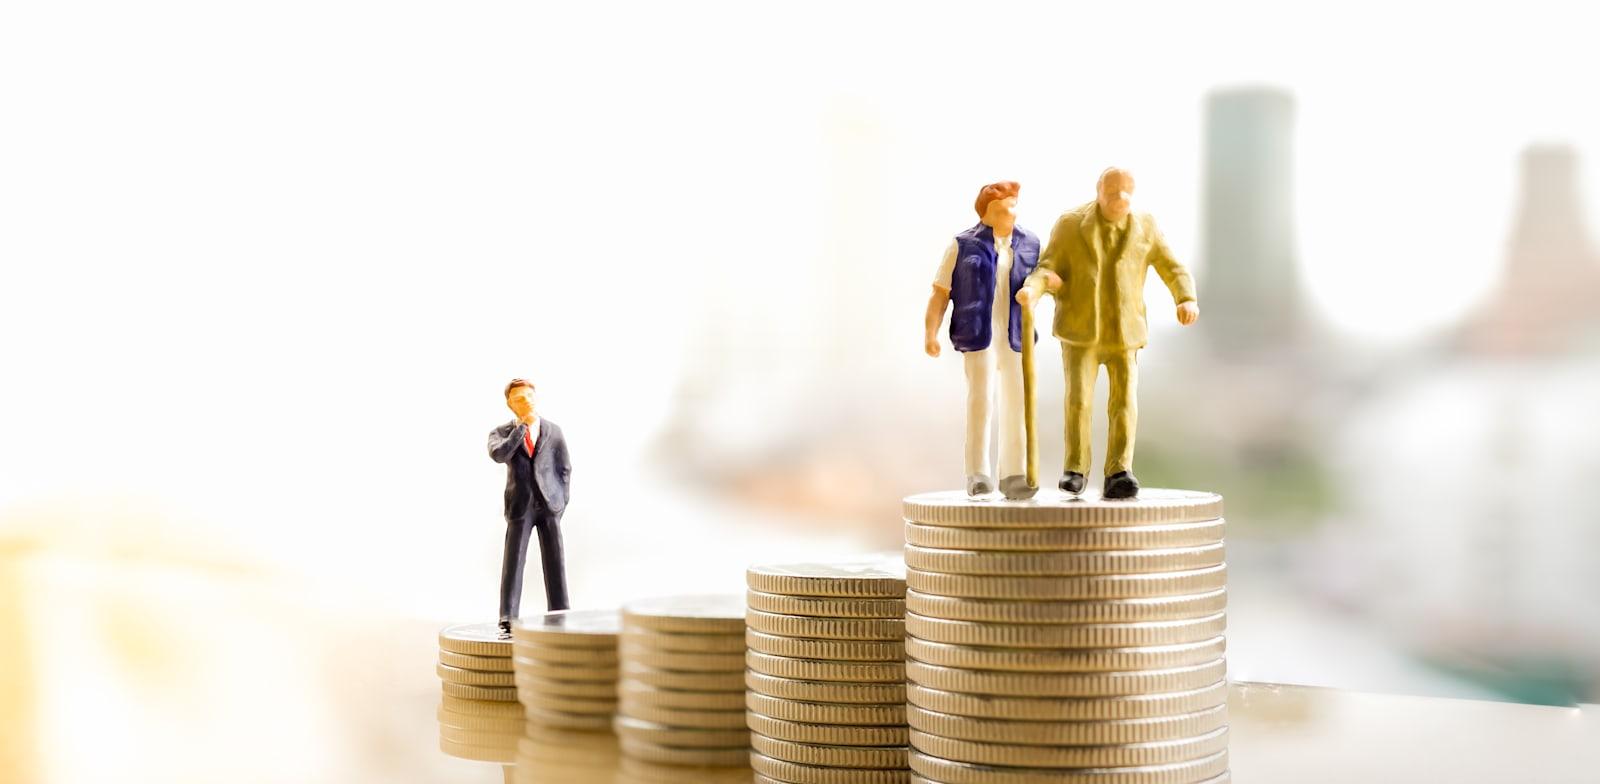 ''לכל אחד יש אמא, אישה או עובדת, שעכשיו רואה את הפנסיה מתרחקת ממנה'' / צילום: Shutterstock, Khongtham